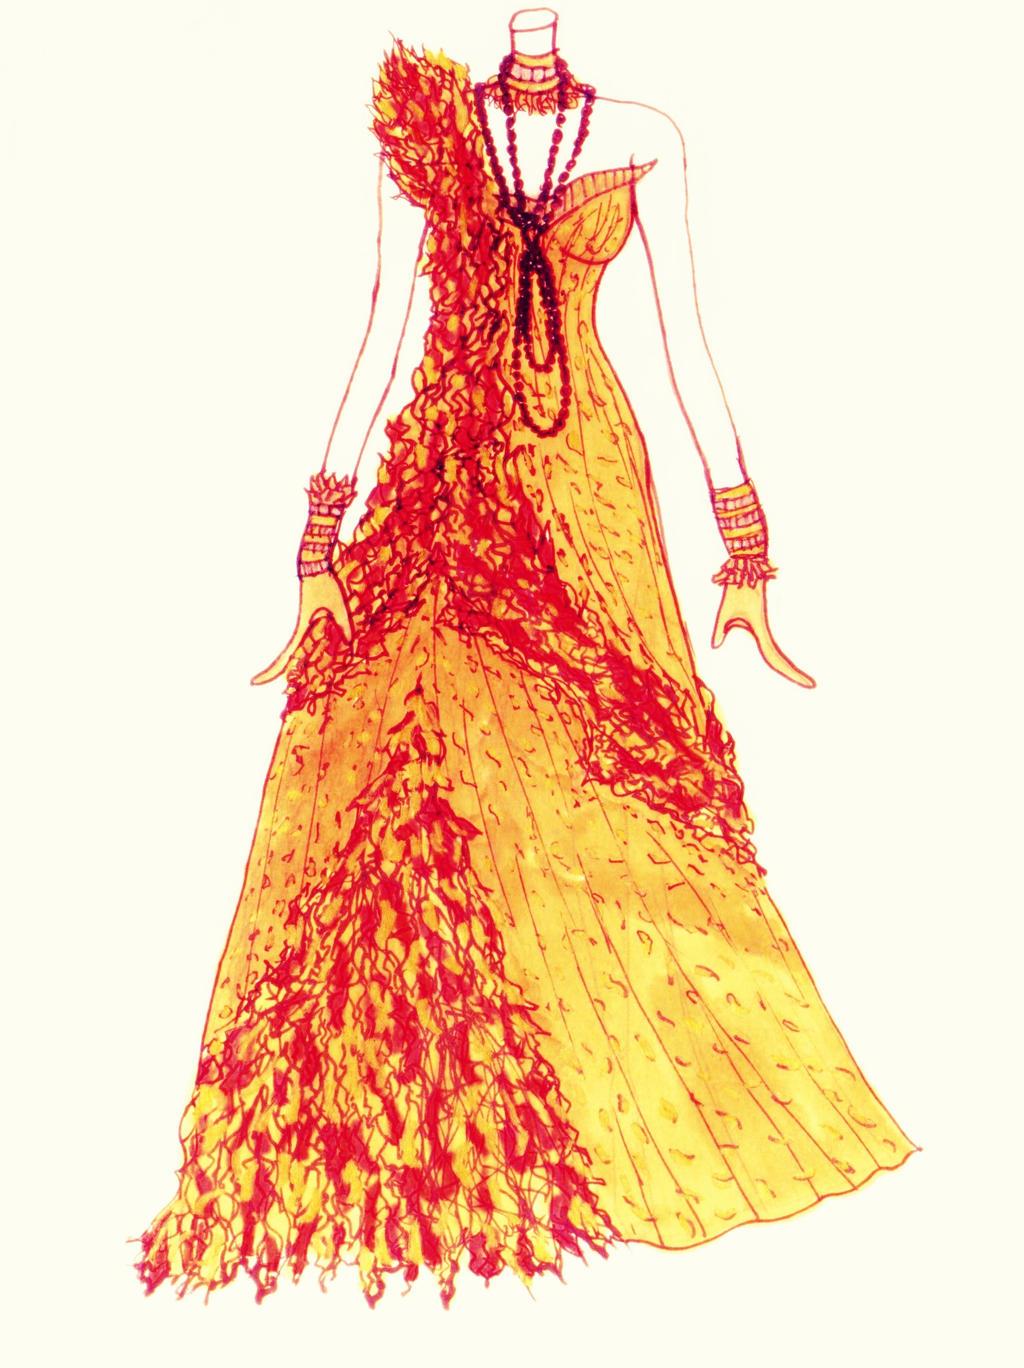 Quietus Designs : Goddess on Fire V2 by mitsuki0tennyo on DeviantArt  Quietus Designs...